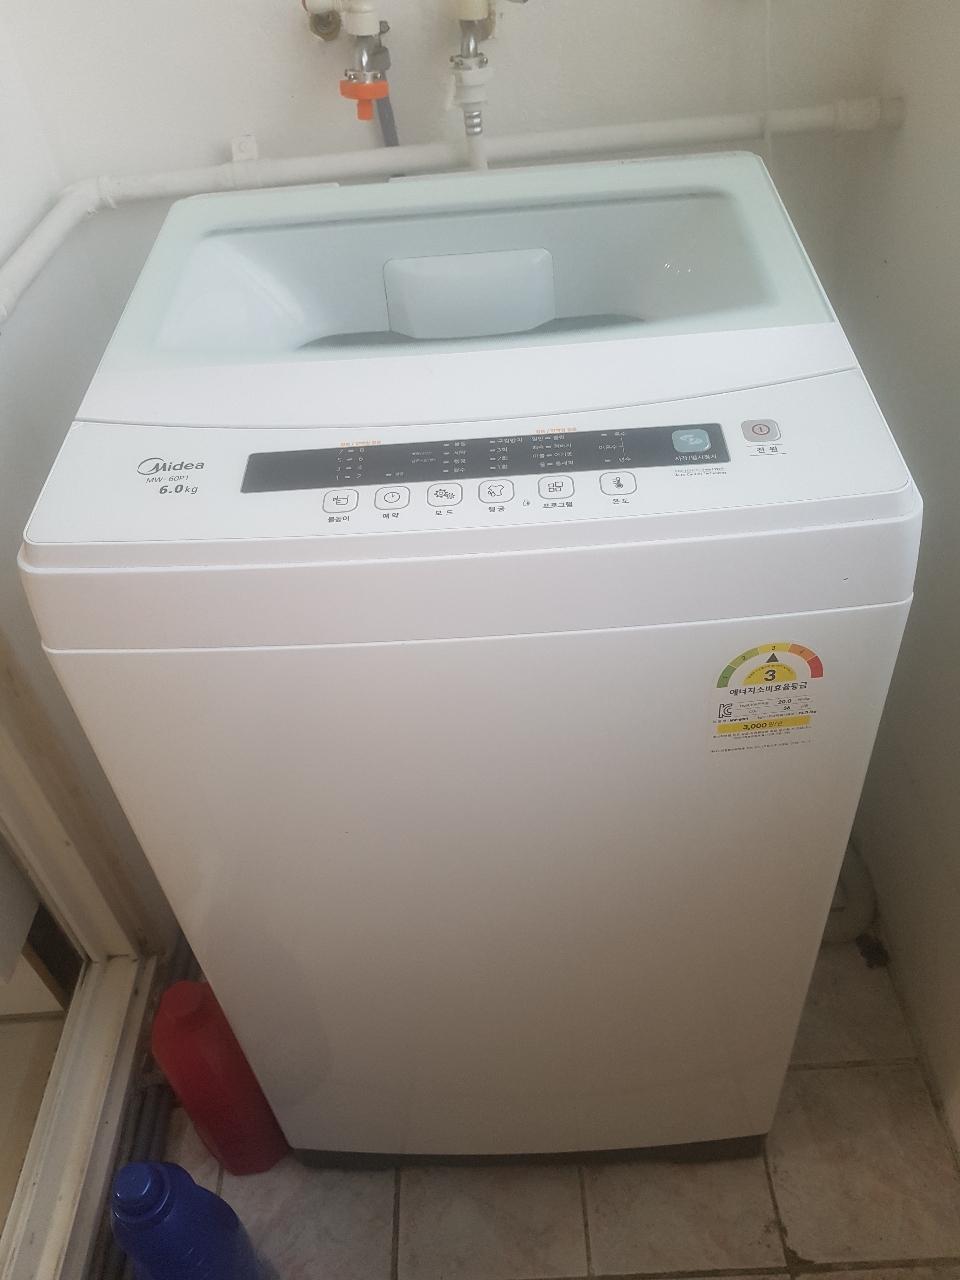 2년미만 상품 빨래 세탁  미디어 세탁기 6kg짜리 팝니다.